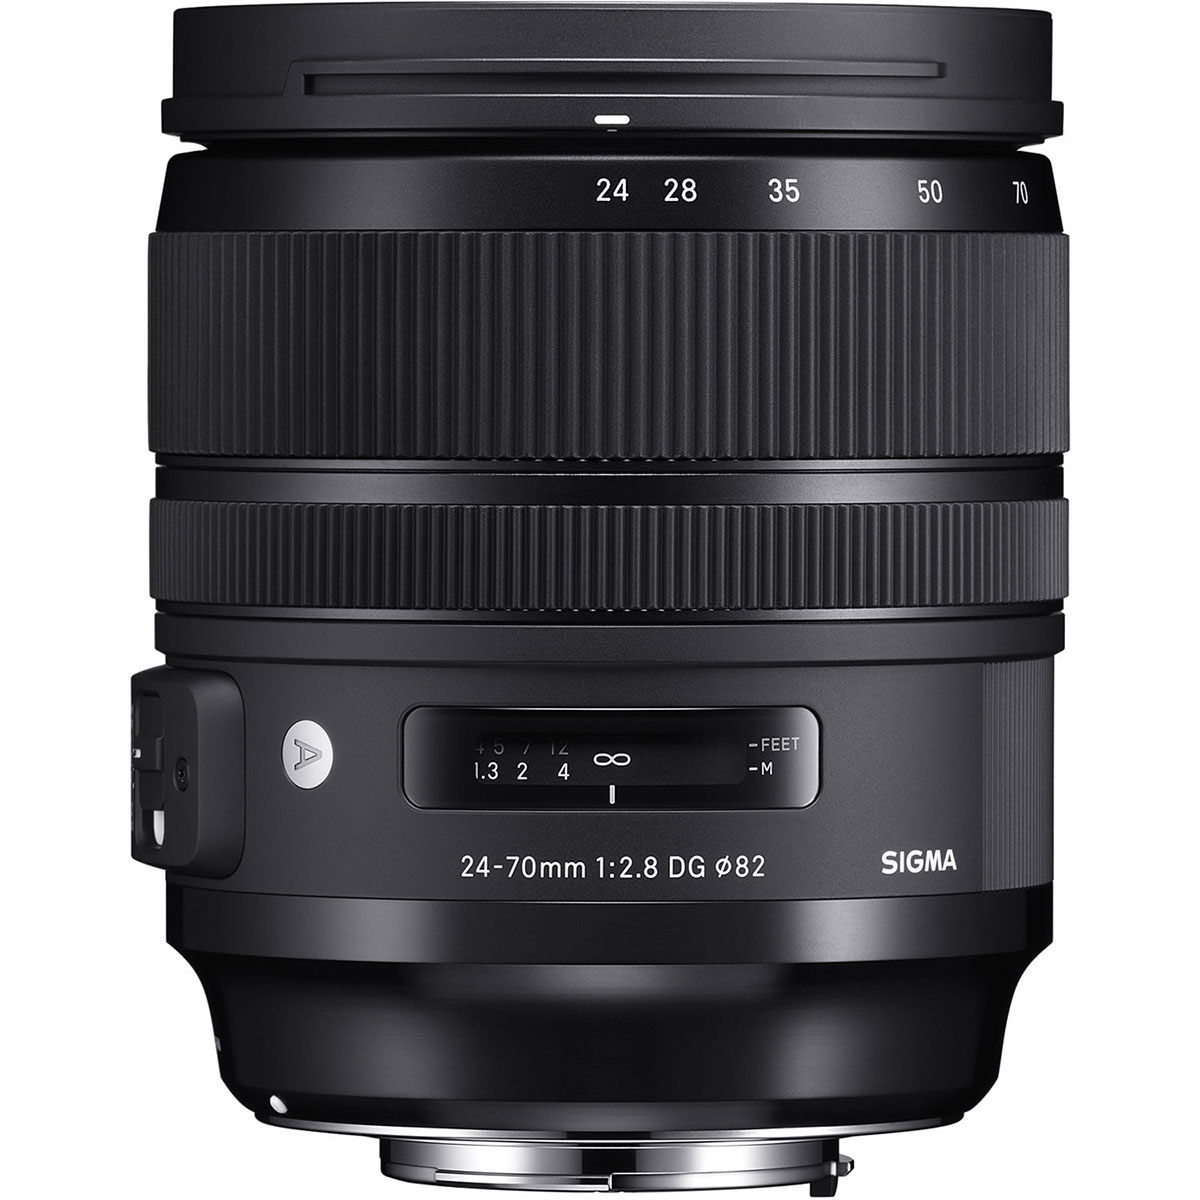 لنز سیگما مدل 24-70mm f/2.8 DG OS مناسب برای دوربین نیکون